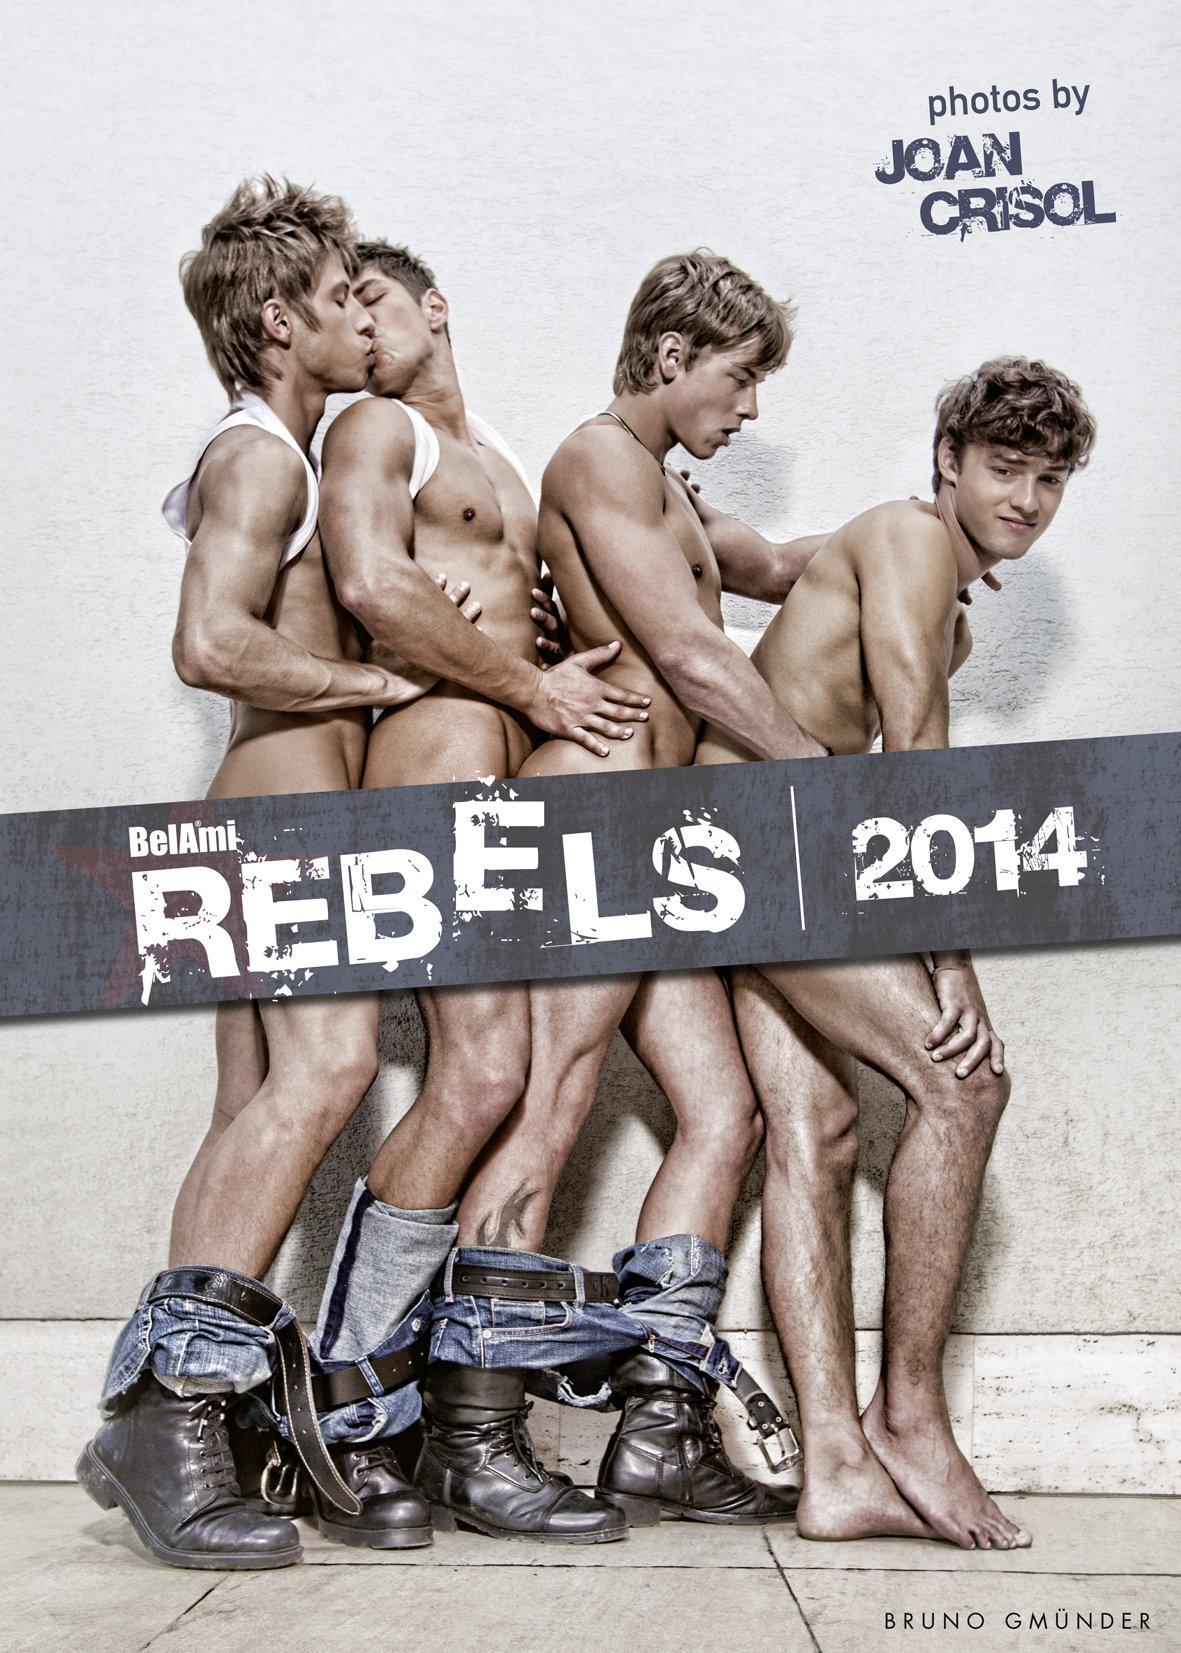 Bel Ami Rebels by Bel Ami, ISBN 9783867874250 - booqster.com